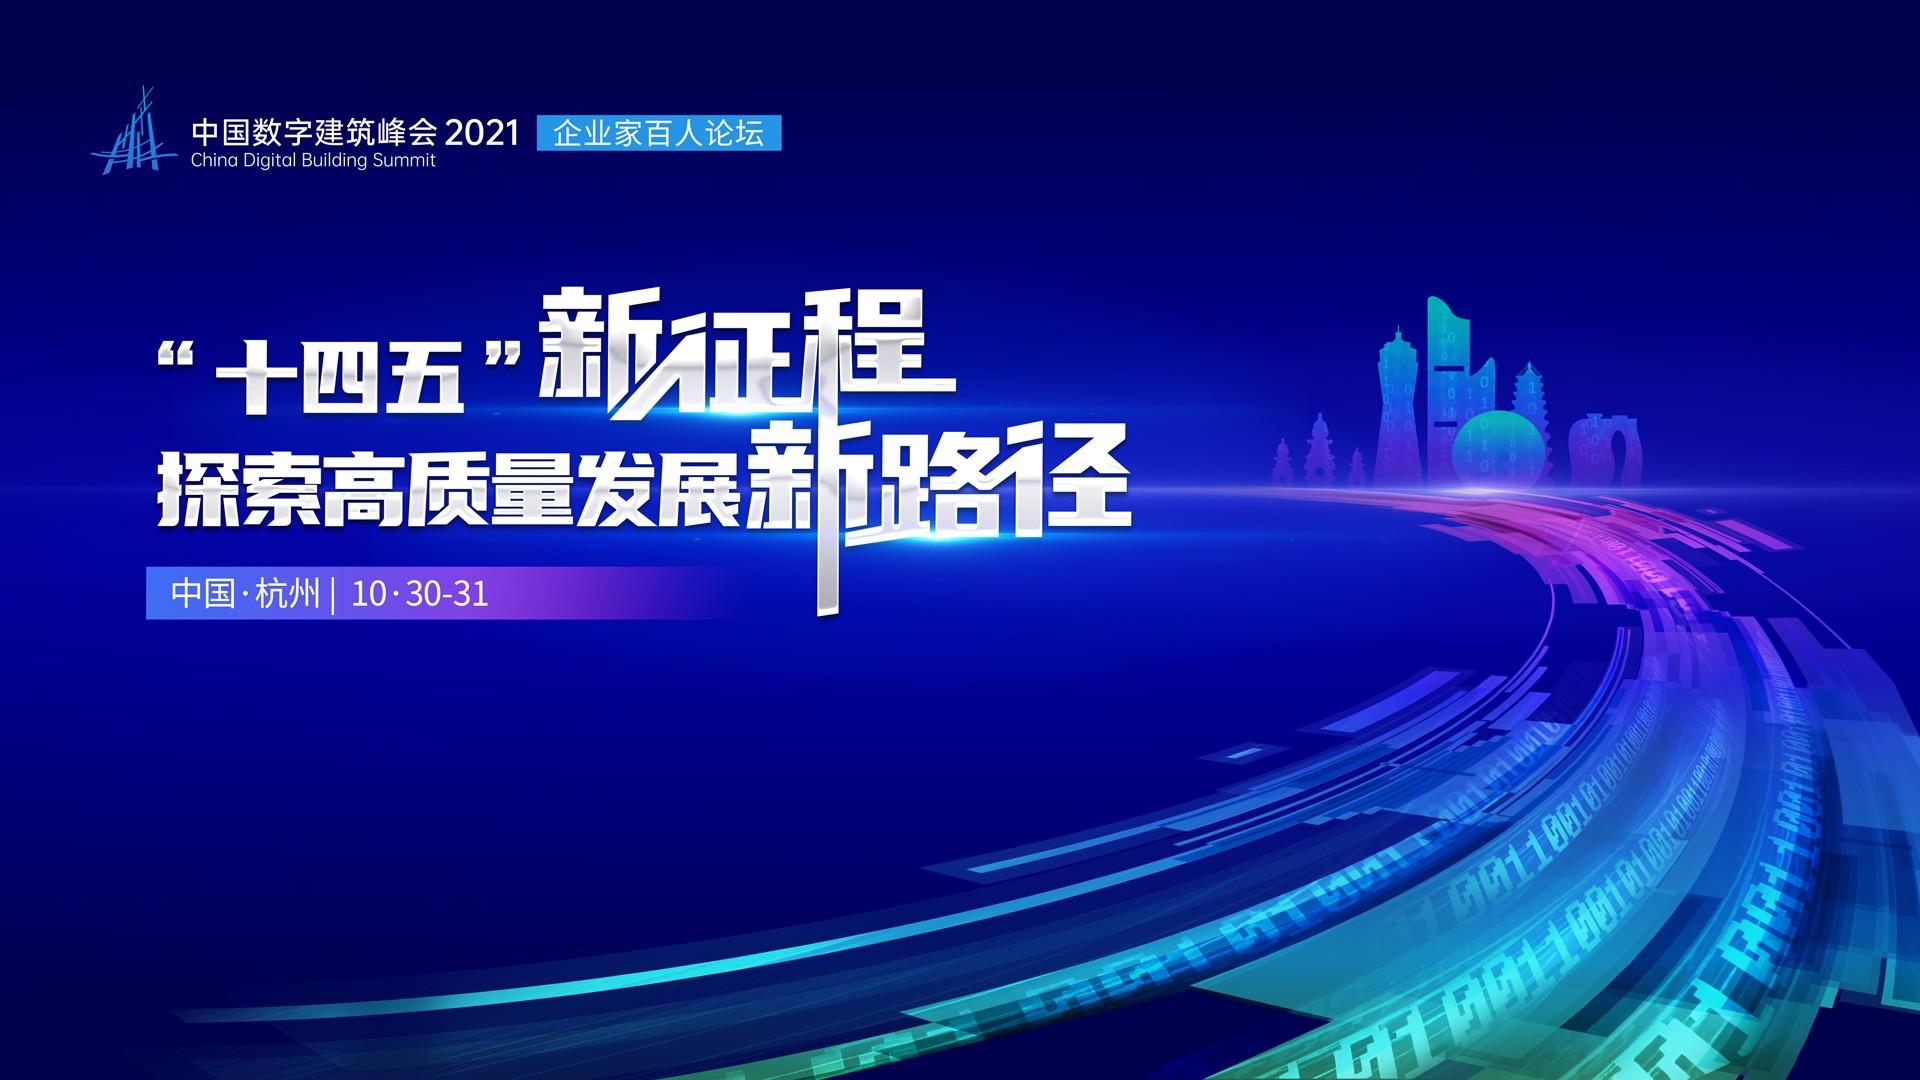 定了!中国数字建筑峰会2021·企业家百人论坛10月底杭州召开